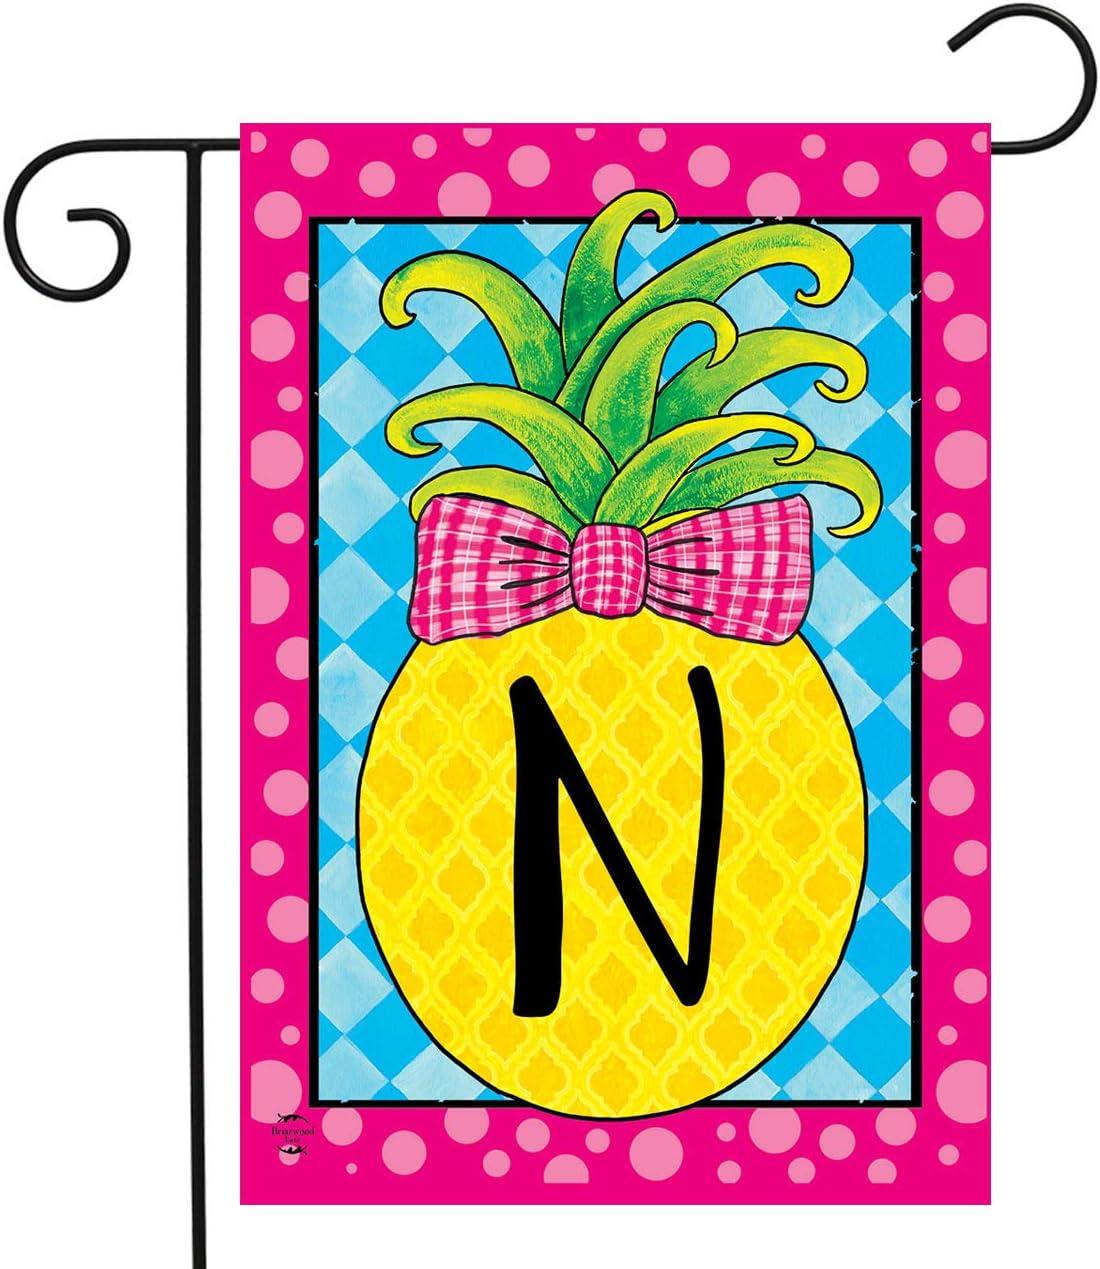 Briarwood Lane Pineapple Monogram Letter N Garden Flag 12.5